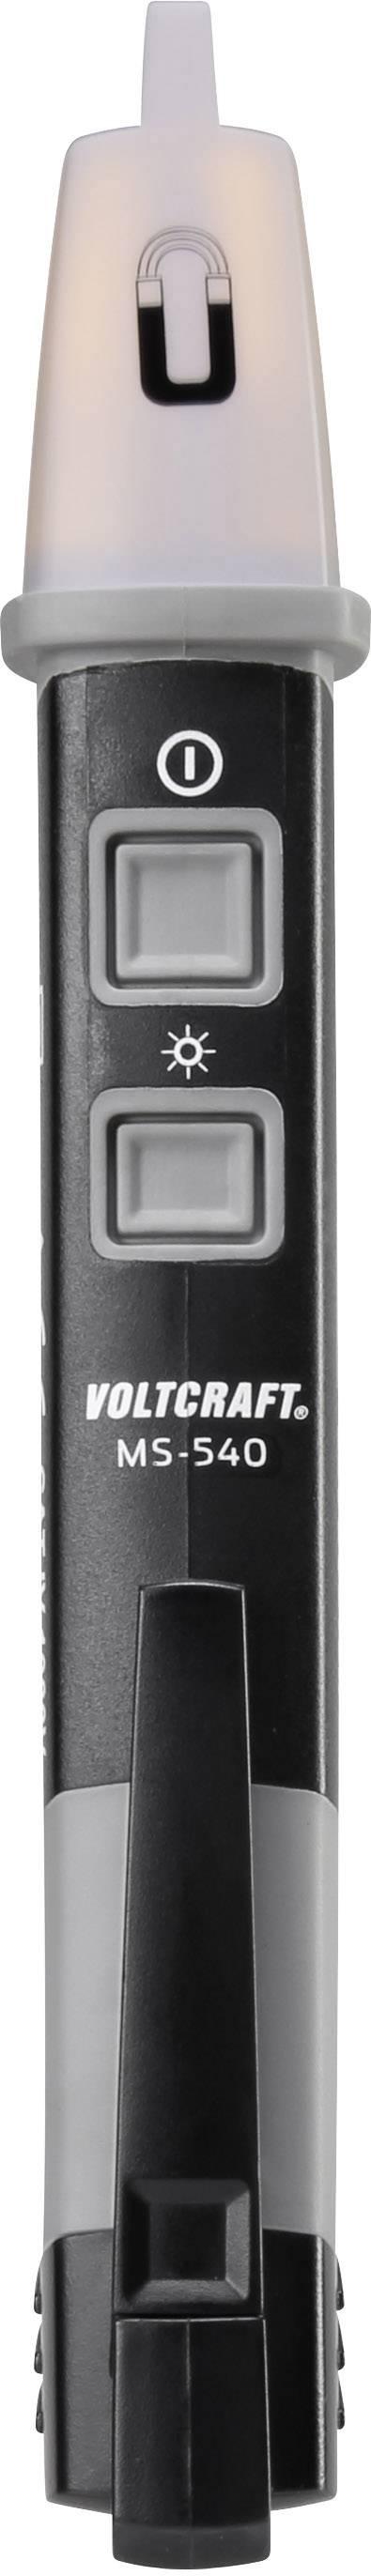 Digitální zkoušečka napětí VOLTCRAFT MS-540, min. měřená hodnota AC 12 V